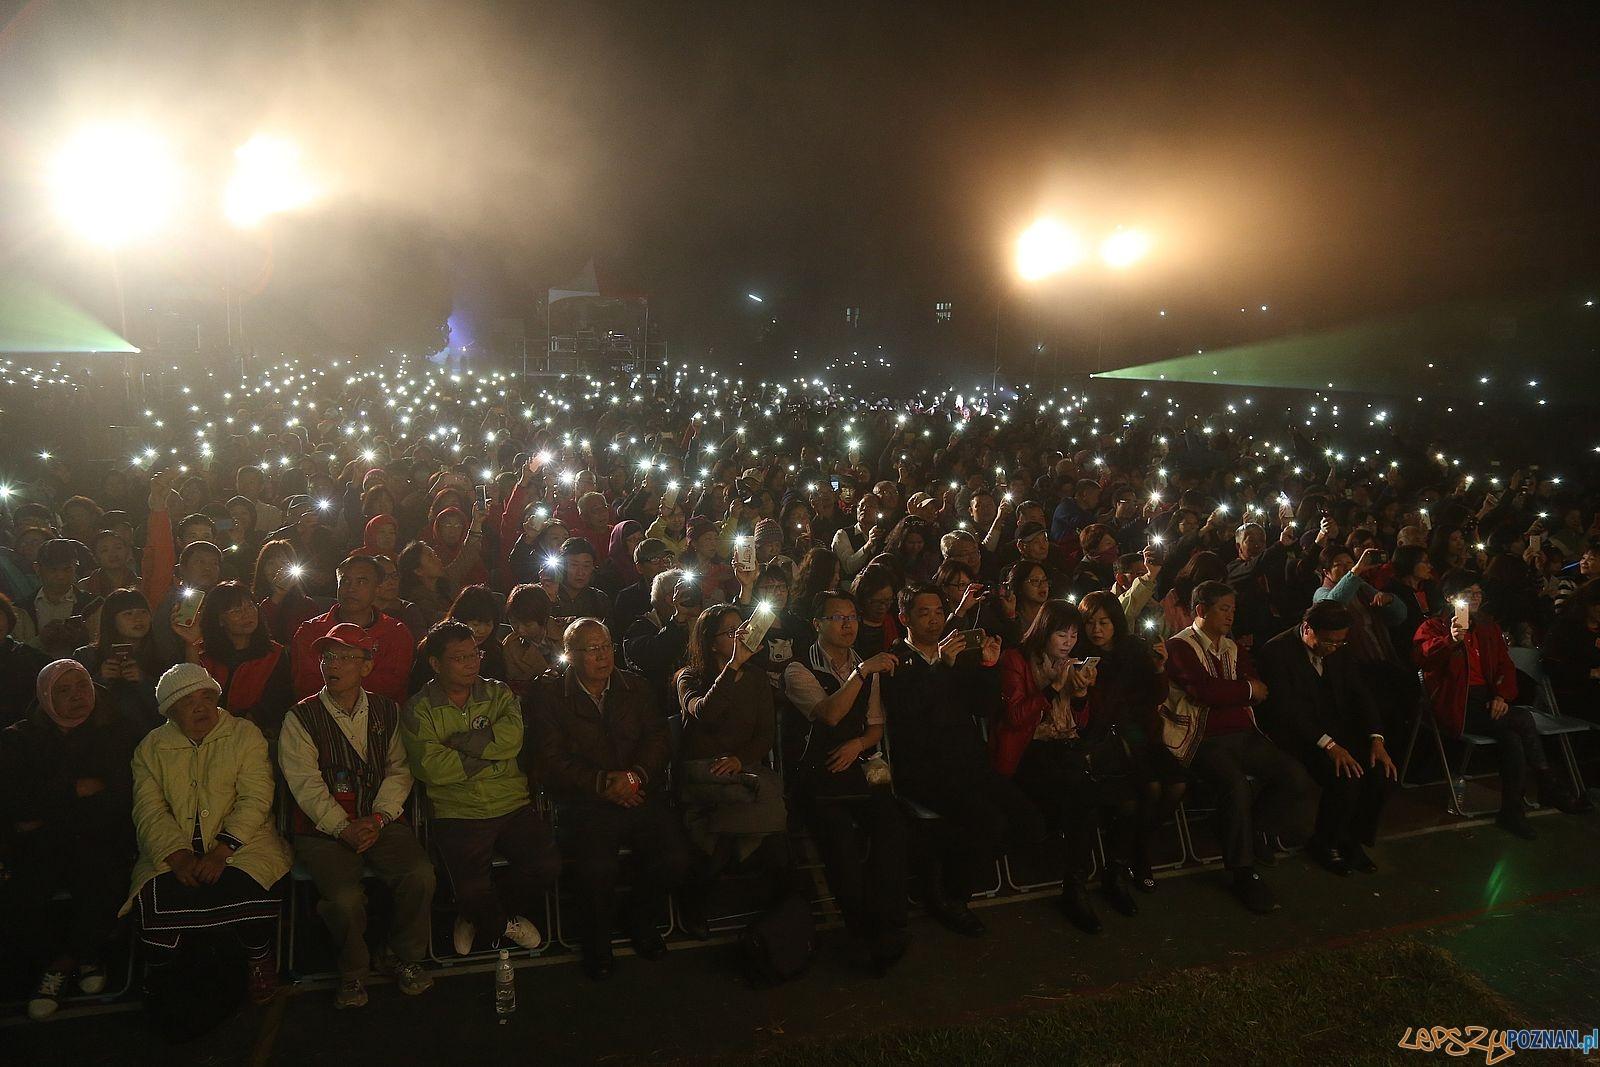 45-tys-osob-na-koncercie-festiwalu  Foto: materały prasowe